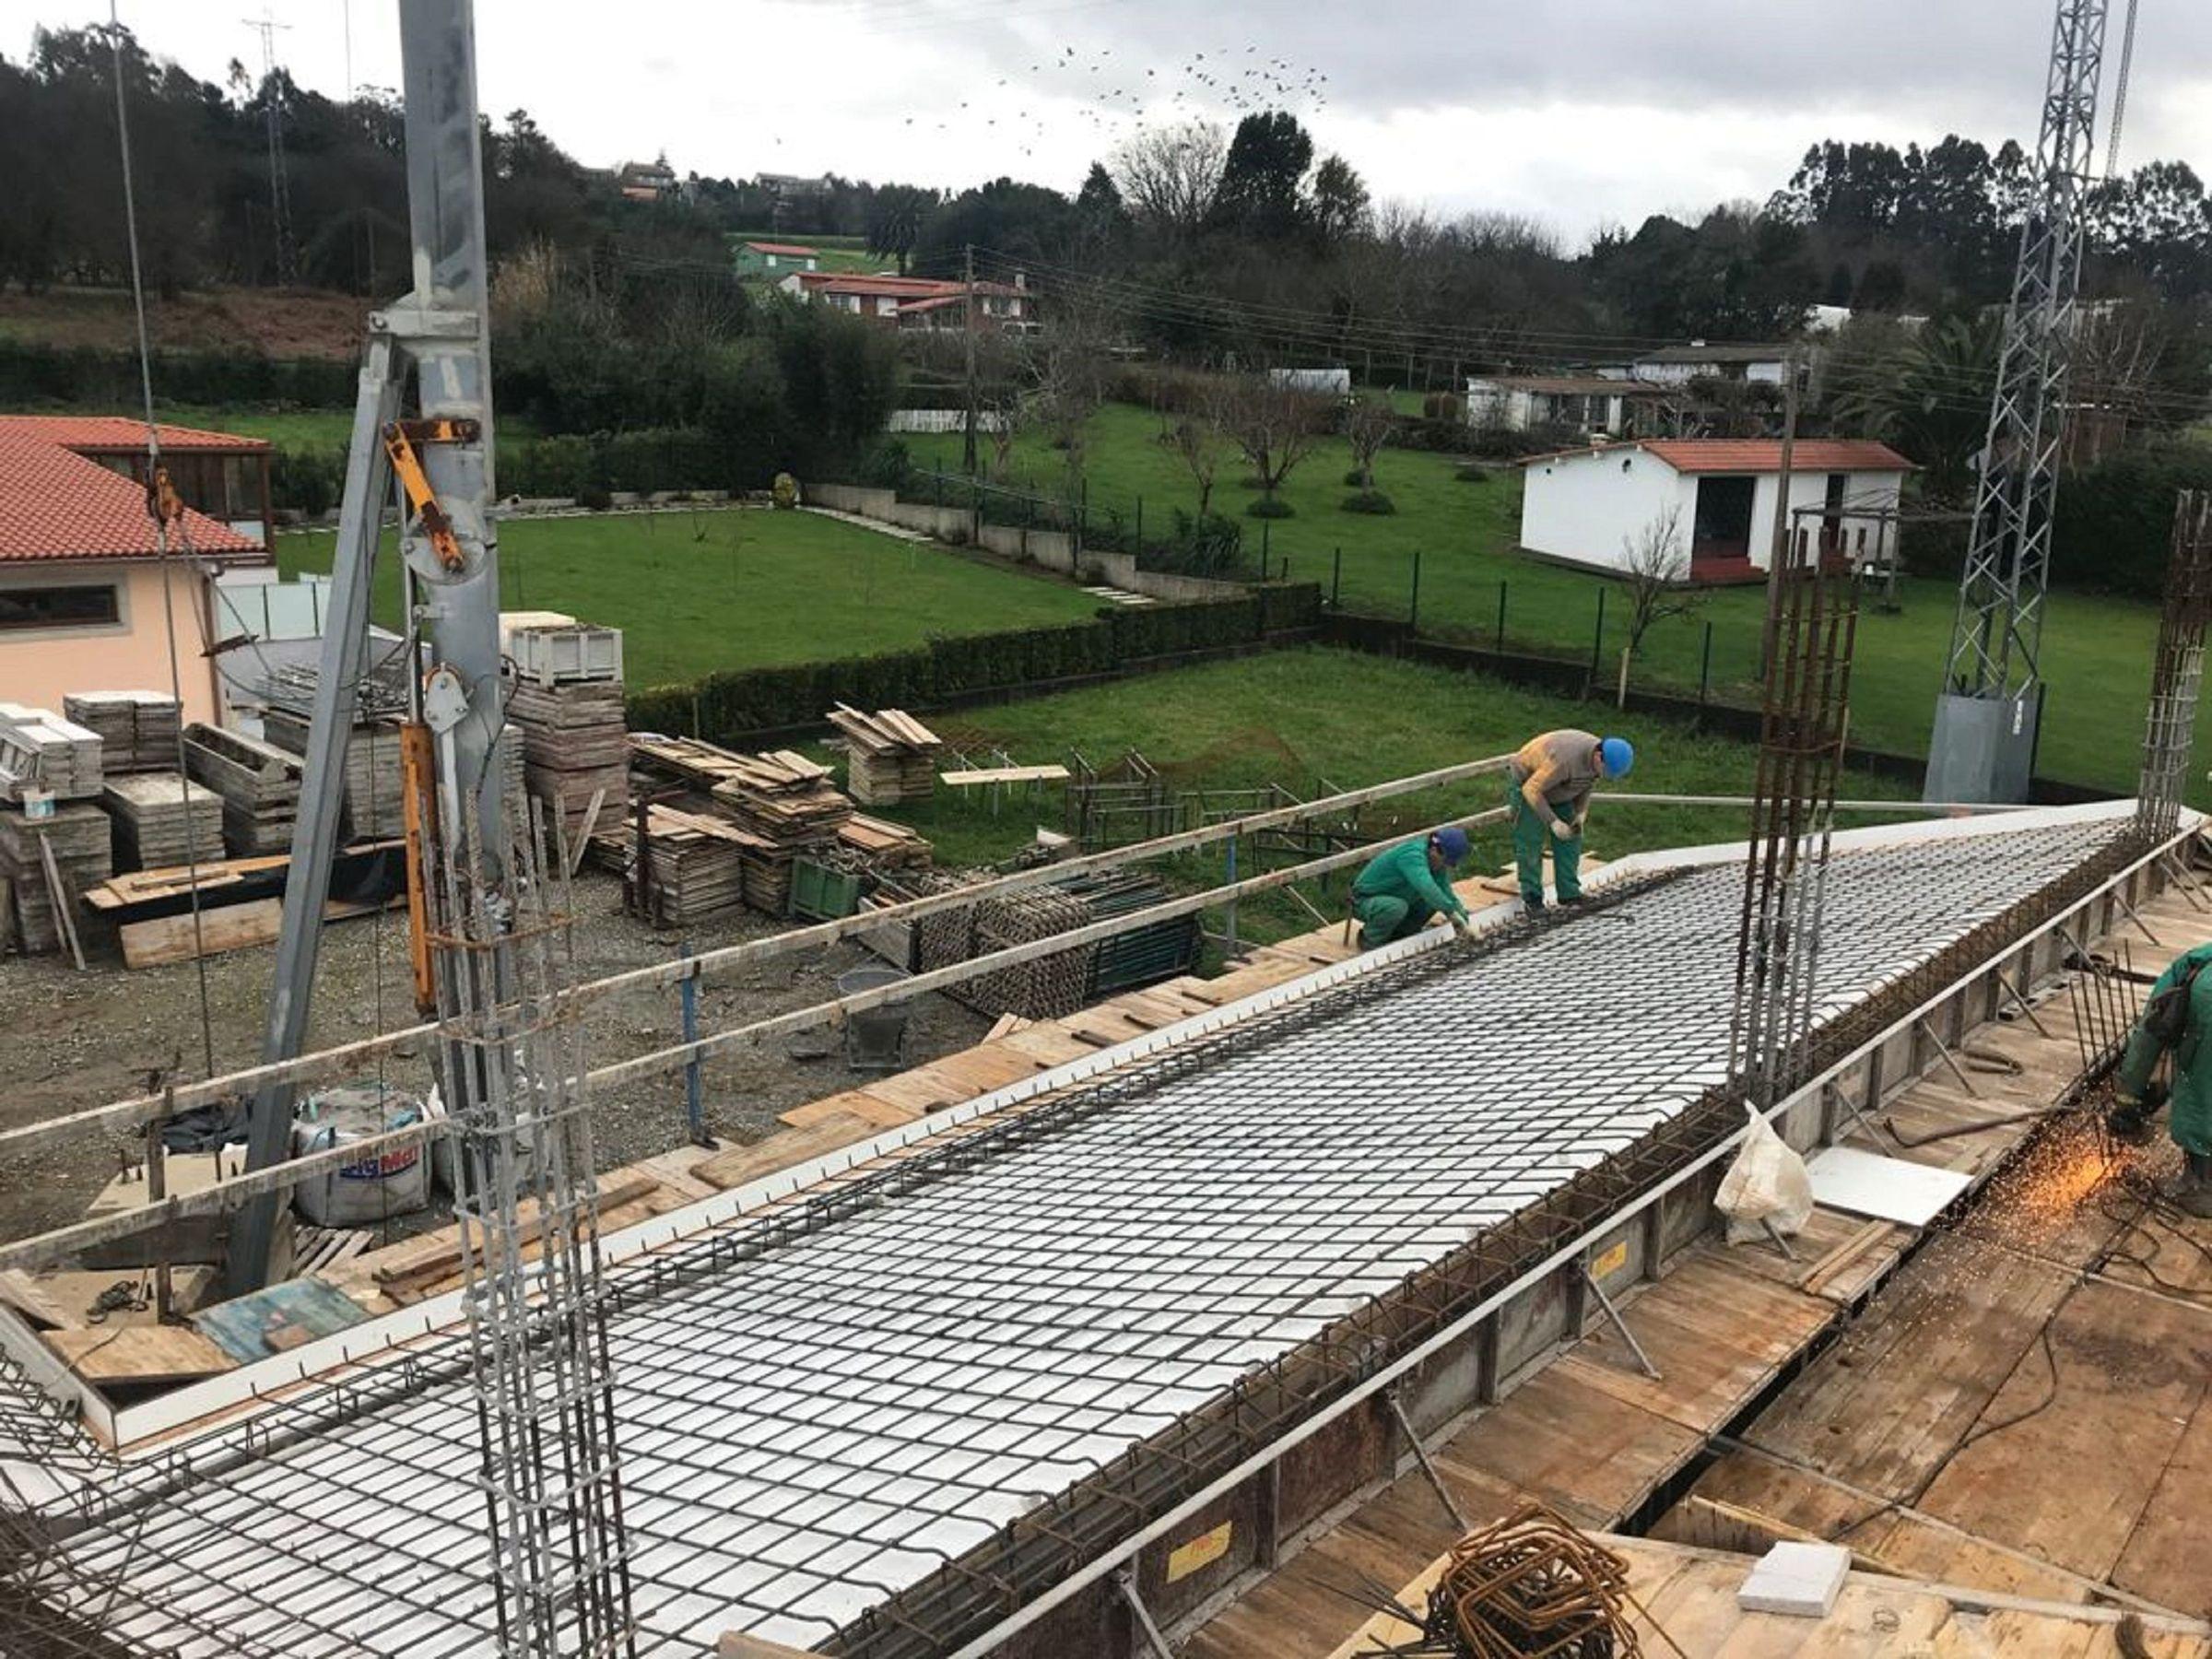 Vivienda unifamiliar en ejecución en el municipio de Narón, por Construcciones Prieto Mouriz